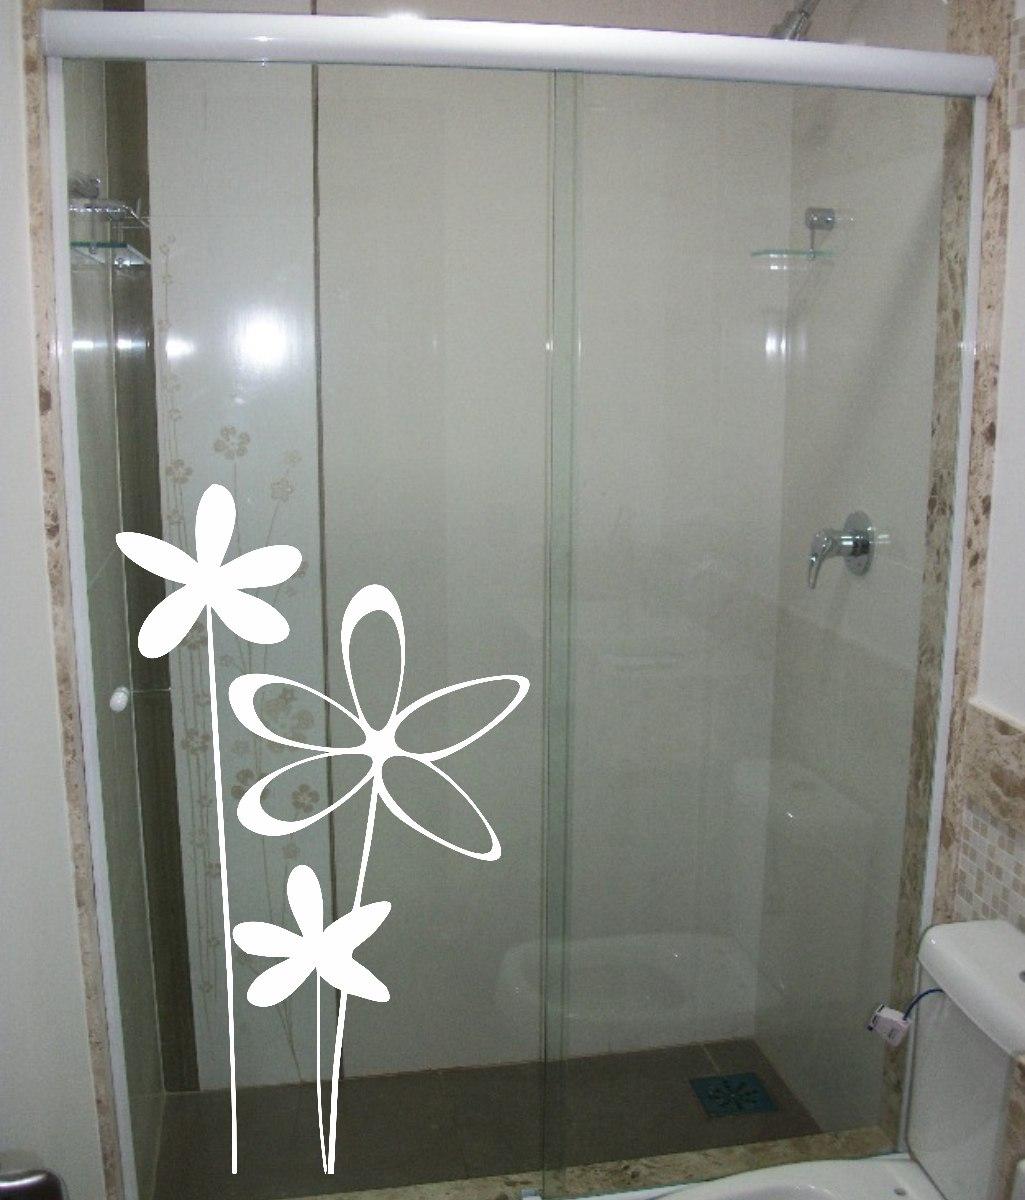 Adesivo Decorativo Parede Box Vidro Banheiro Flor Floral R$ 21 99 em  #3B3C31 1025x1200 Adesivos Para Box De Vidro Banheiro